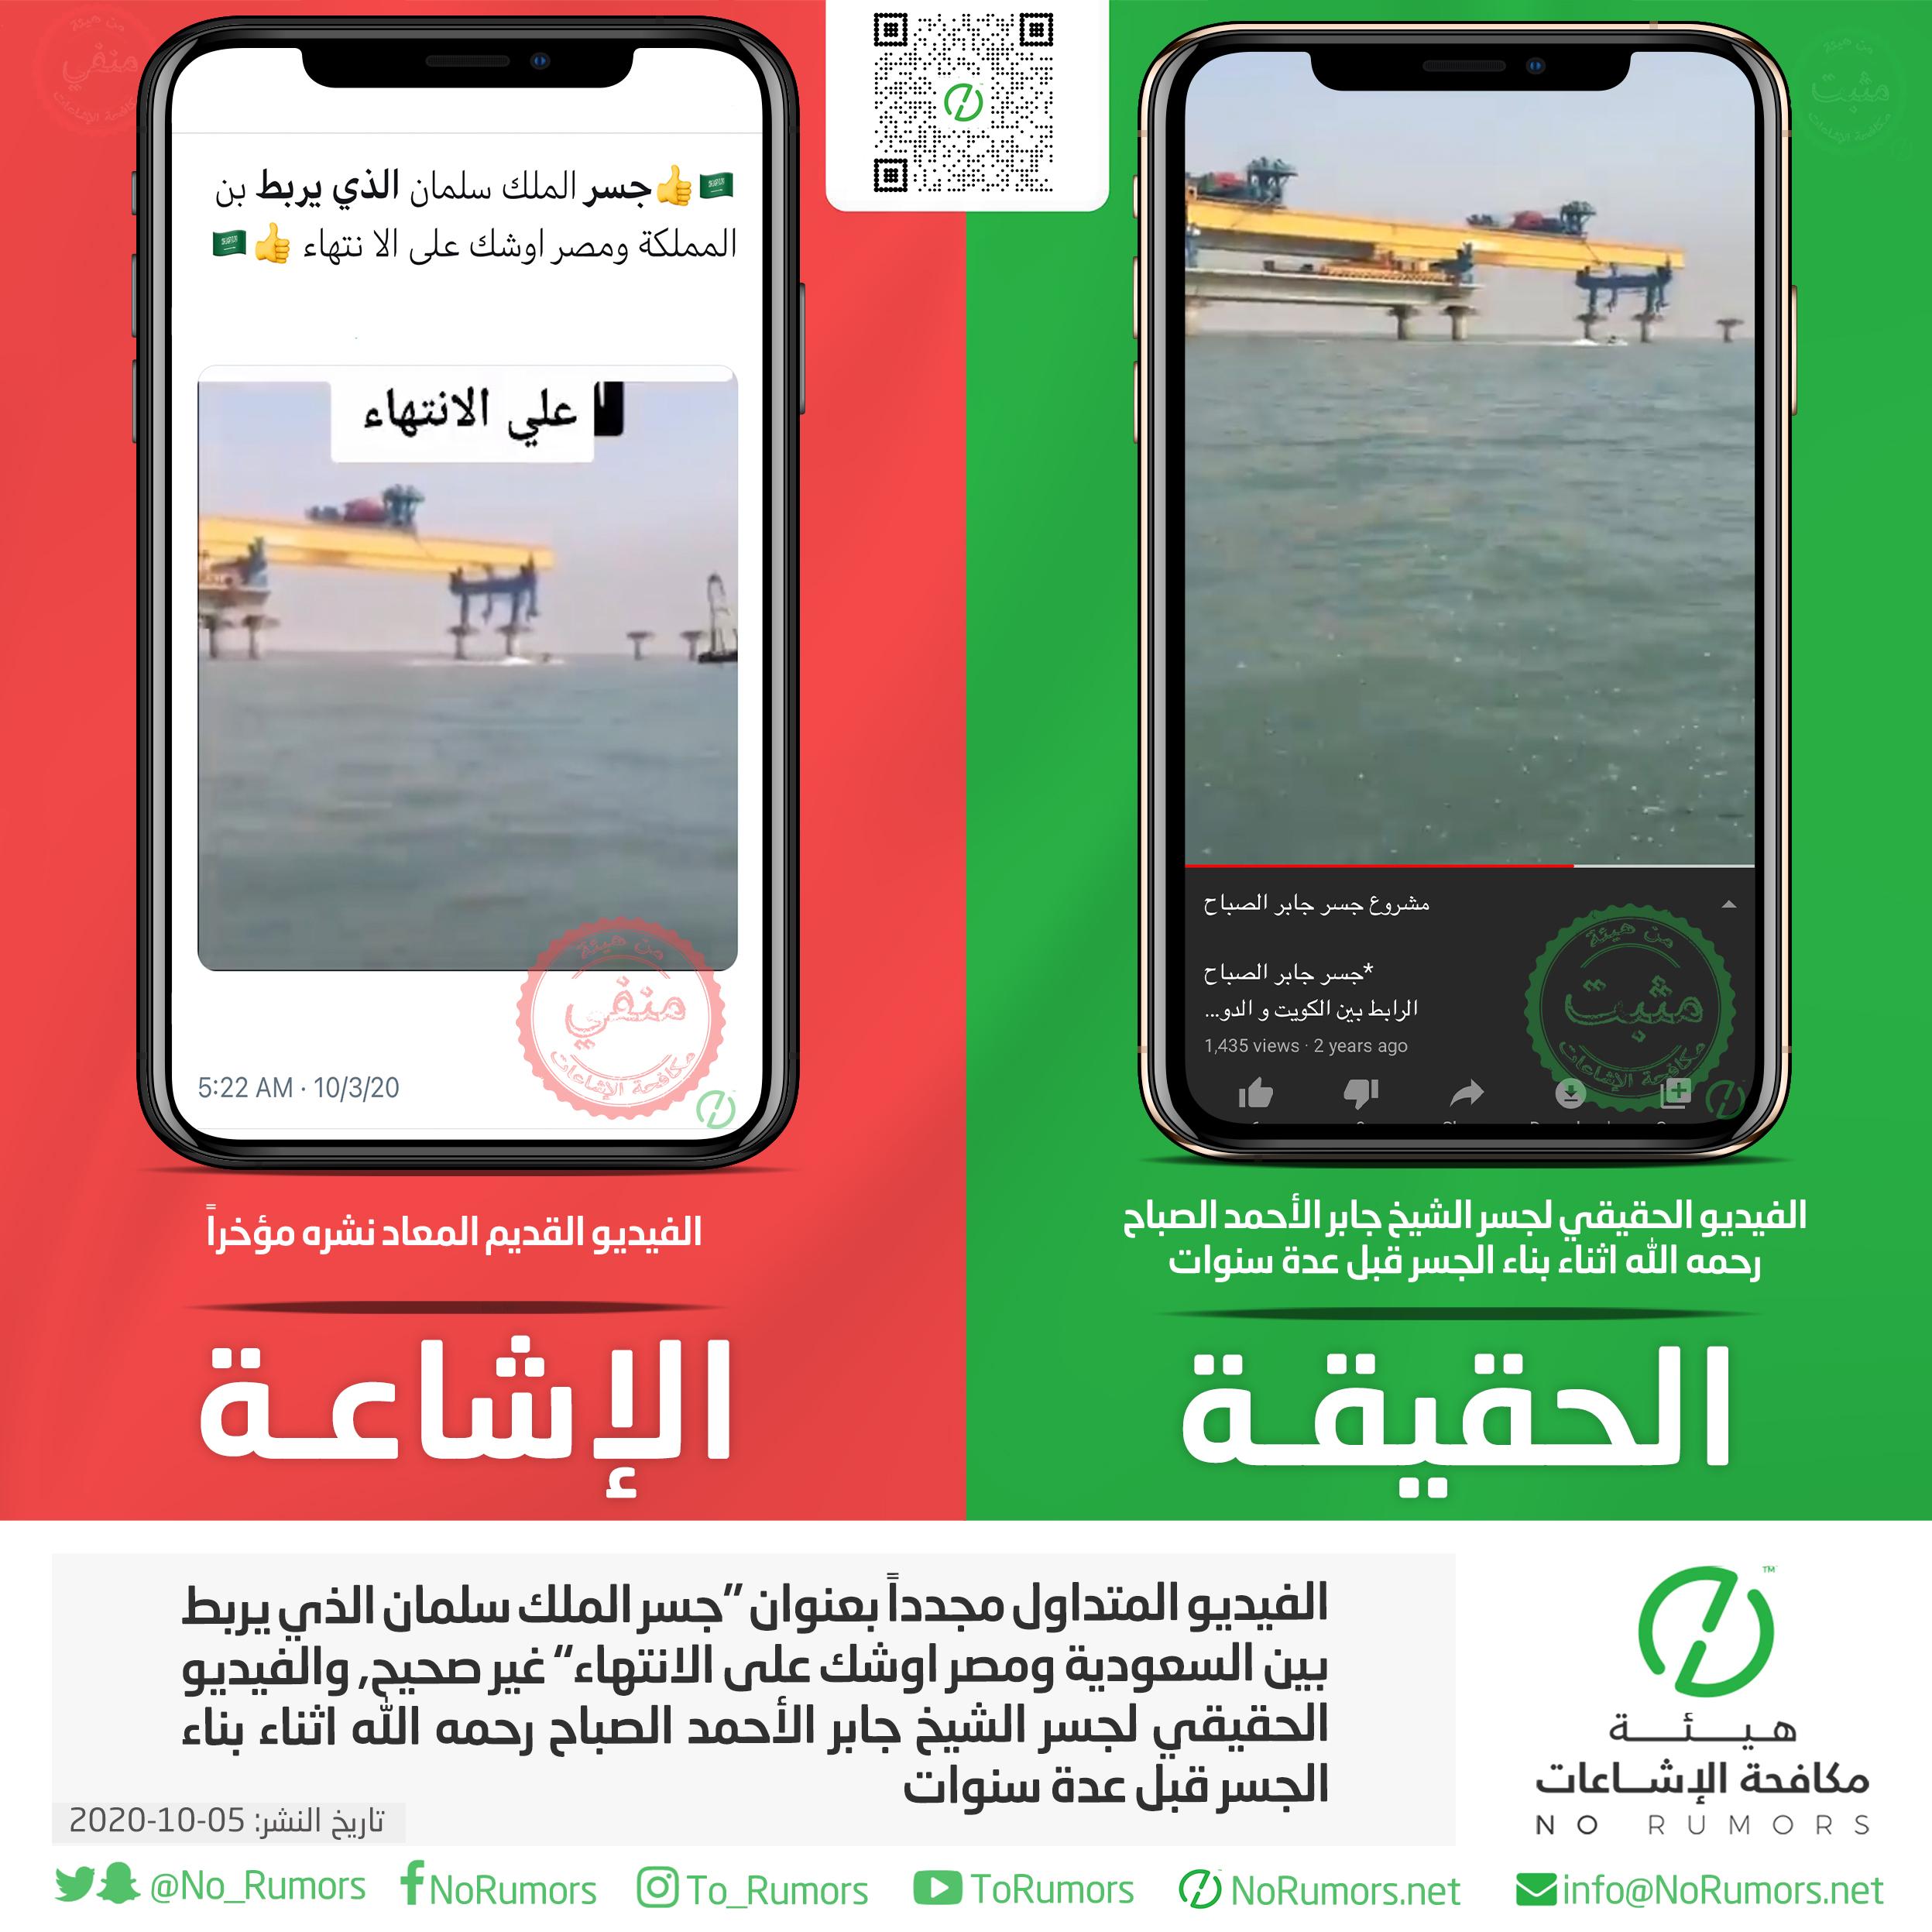 """حقيقة الفيديو المتداول مجدداً بعنوان """"جسر الملك سلمان الذي يربط بين السعودية ومصر اوشك على الانتهاء"""""""